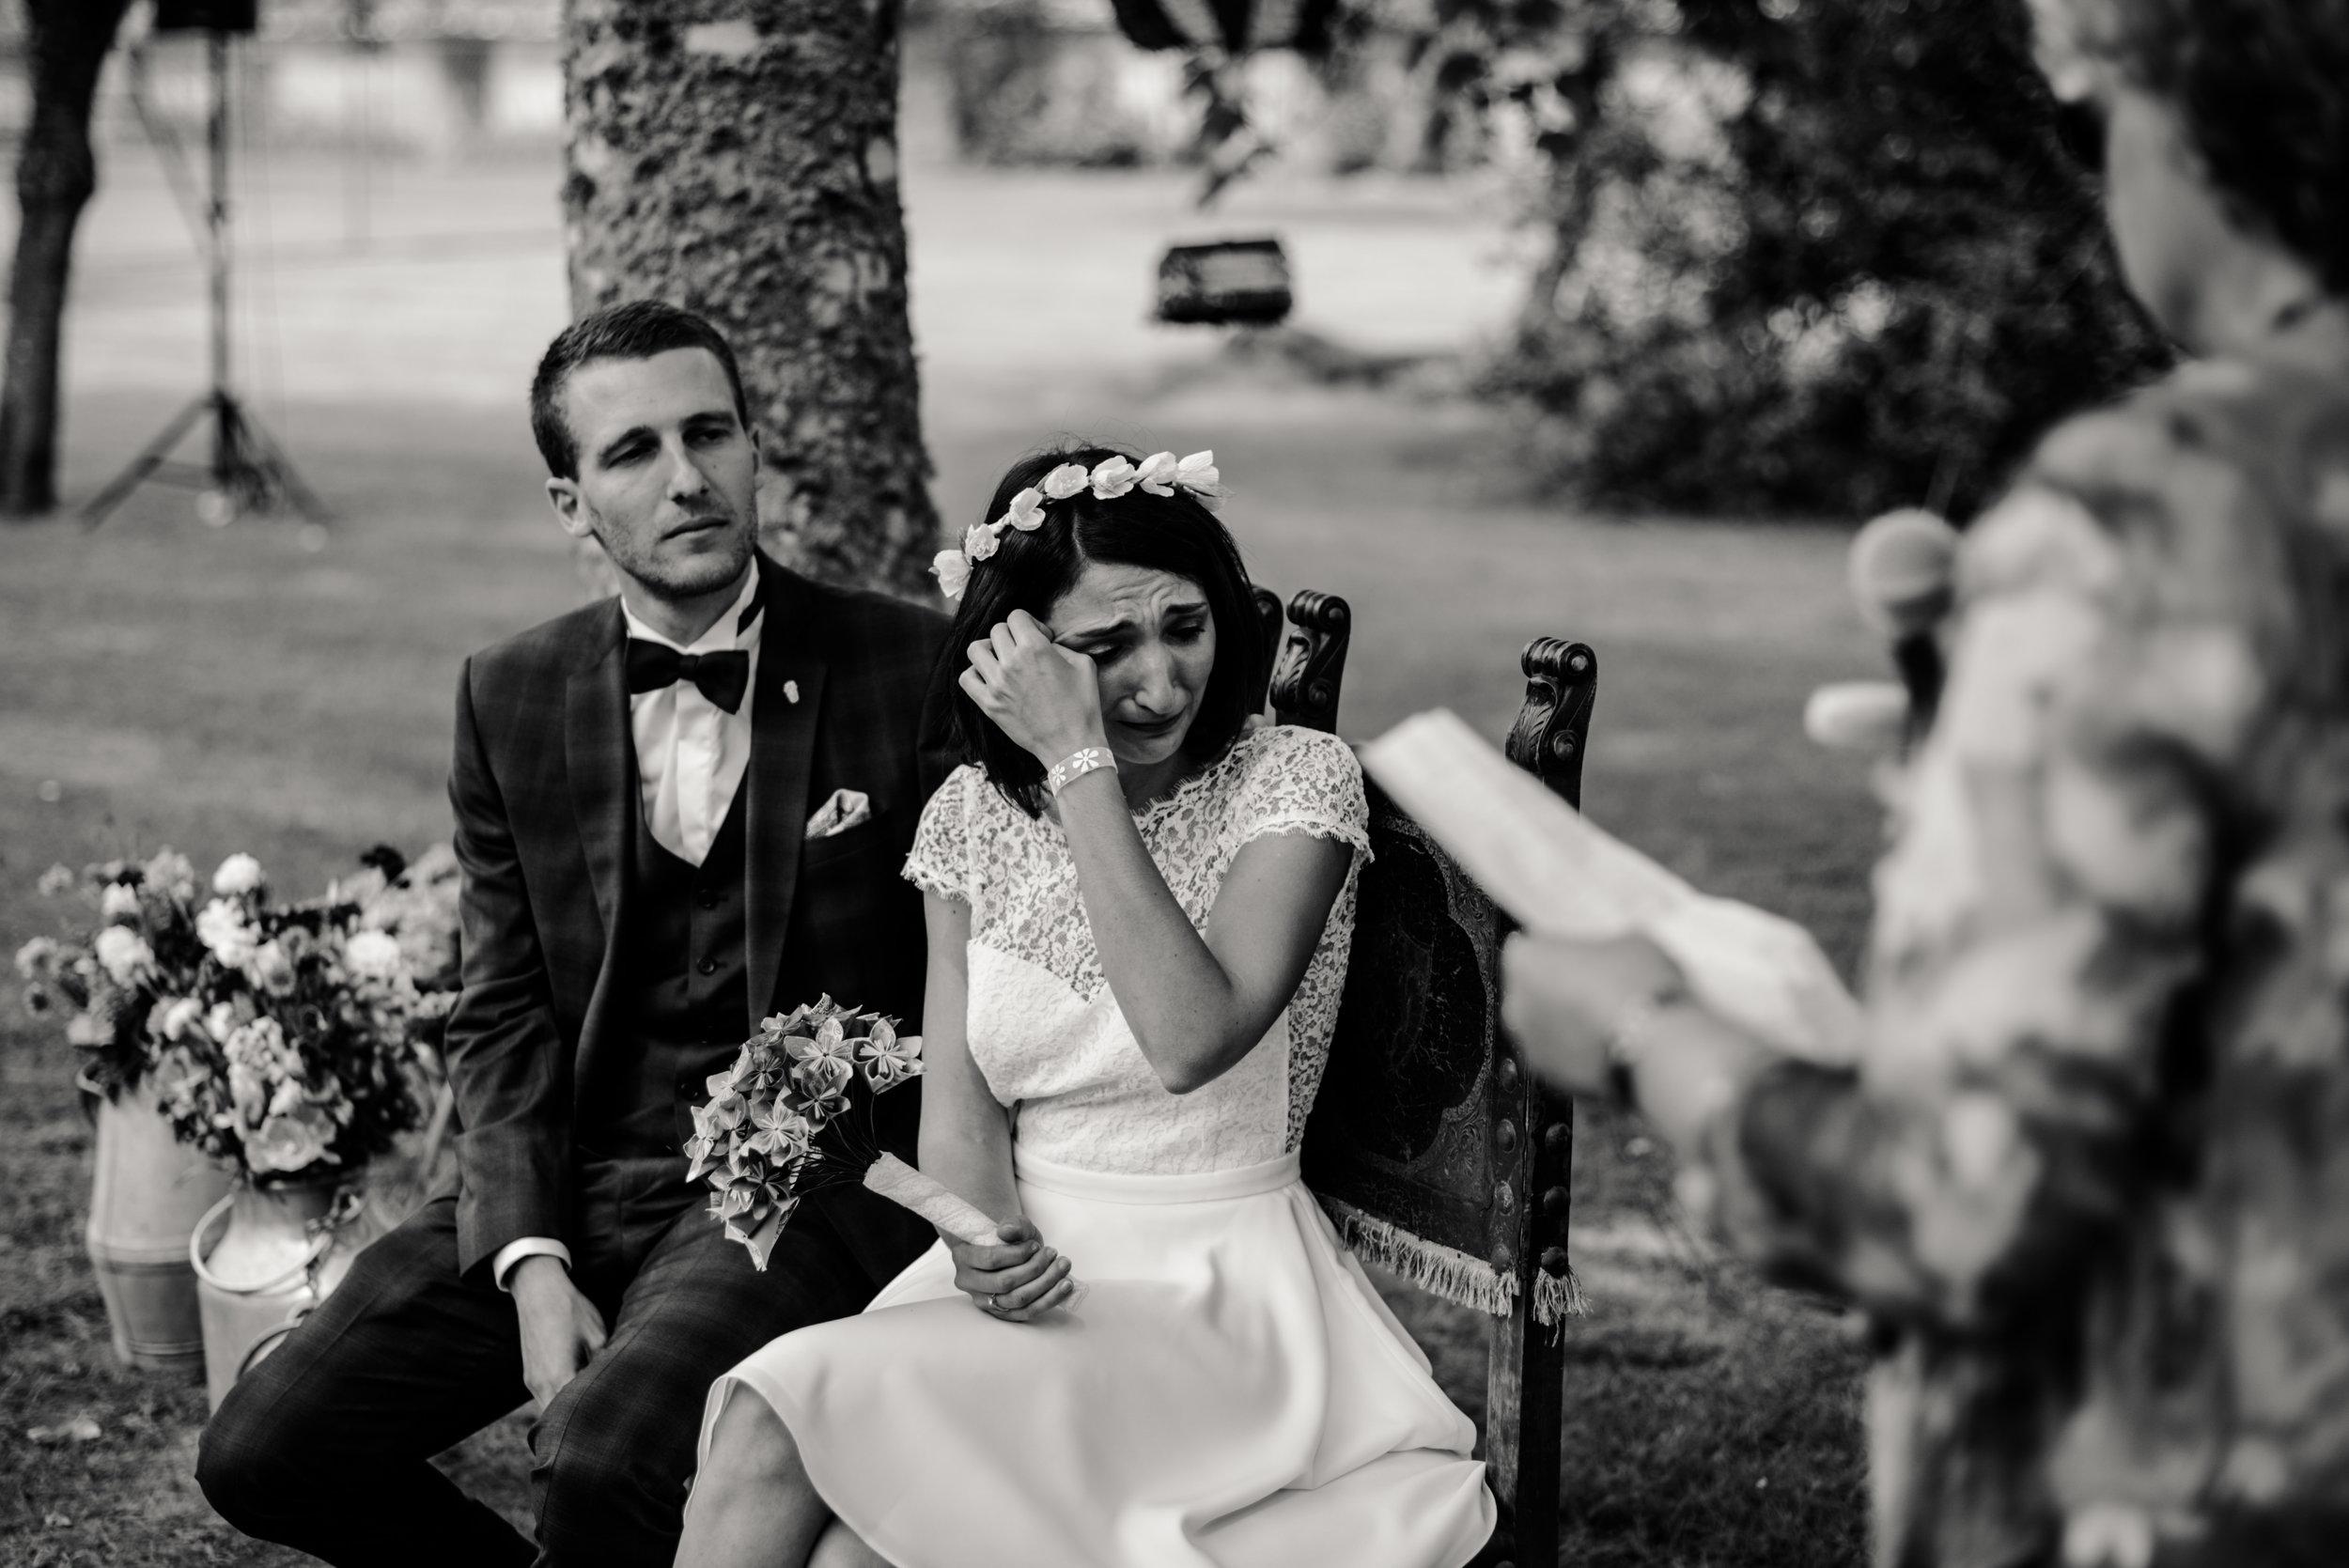 Léa-Fery-photographe-professionnel-lyon-rhone-alpes-portrait-creation-mariage-evenement-evenementiel-famille-5321.jpg